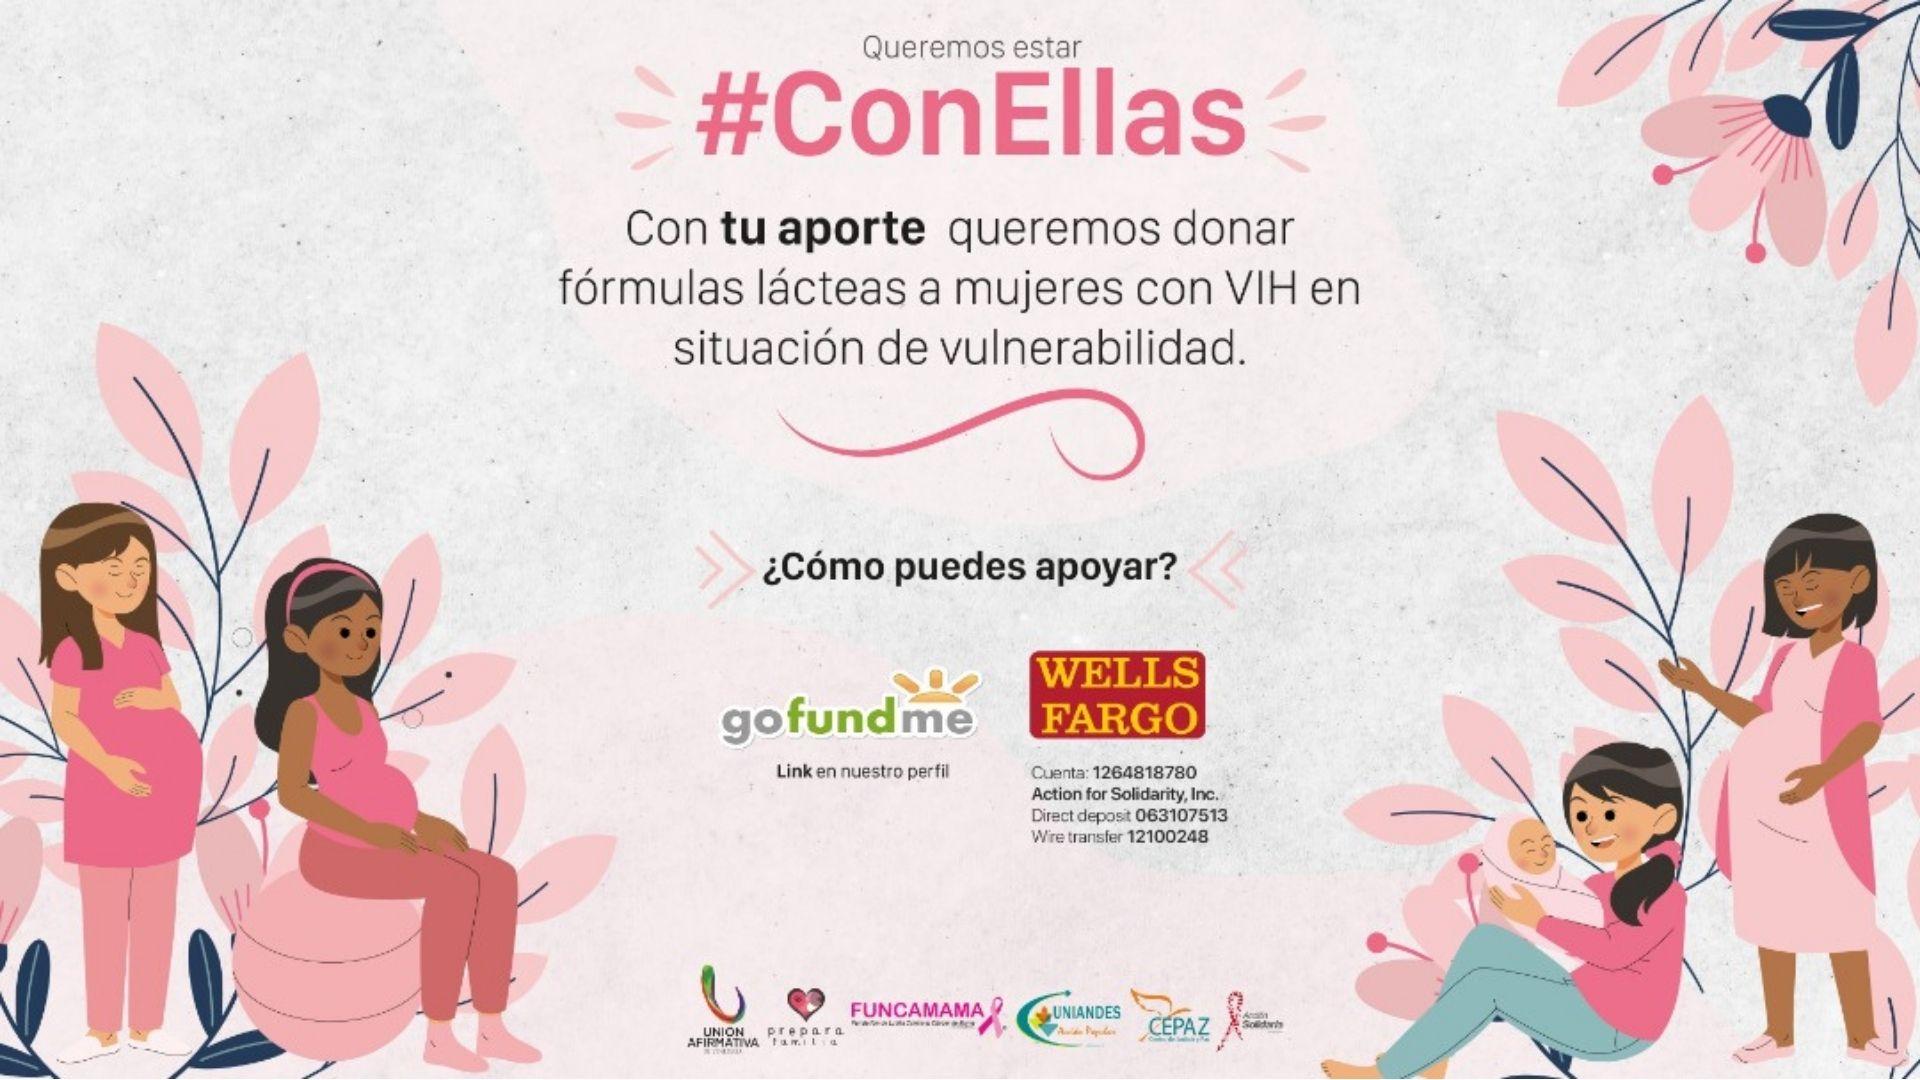 Alianza #ConEllas lanza campaña para ayudar mujeres embarazadas con VIH/sida